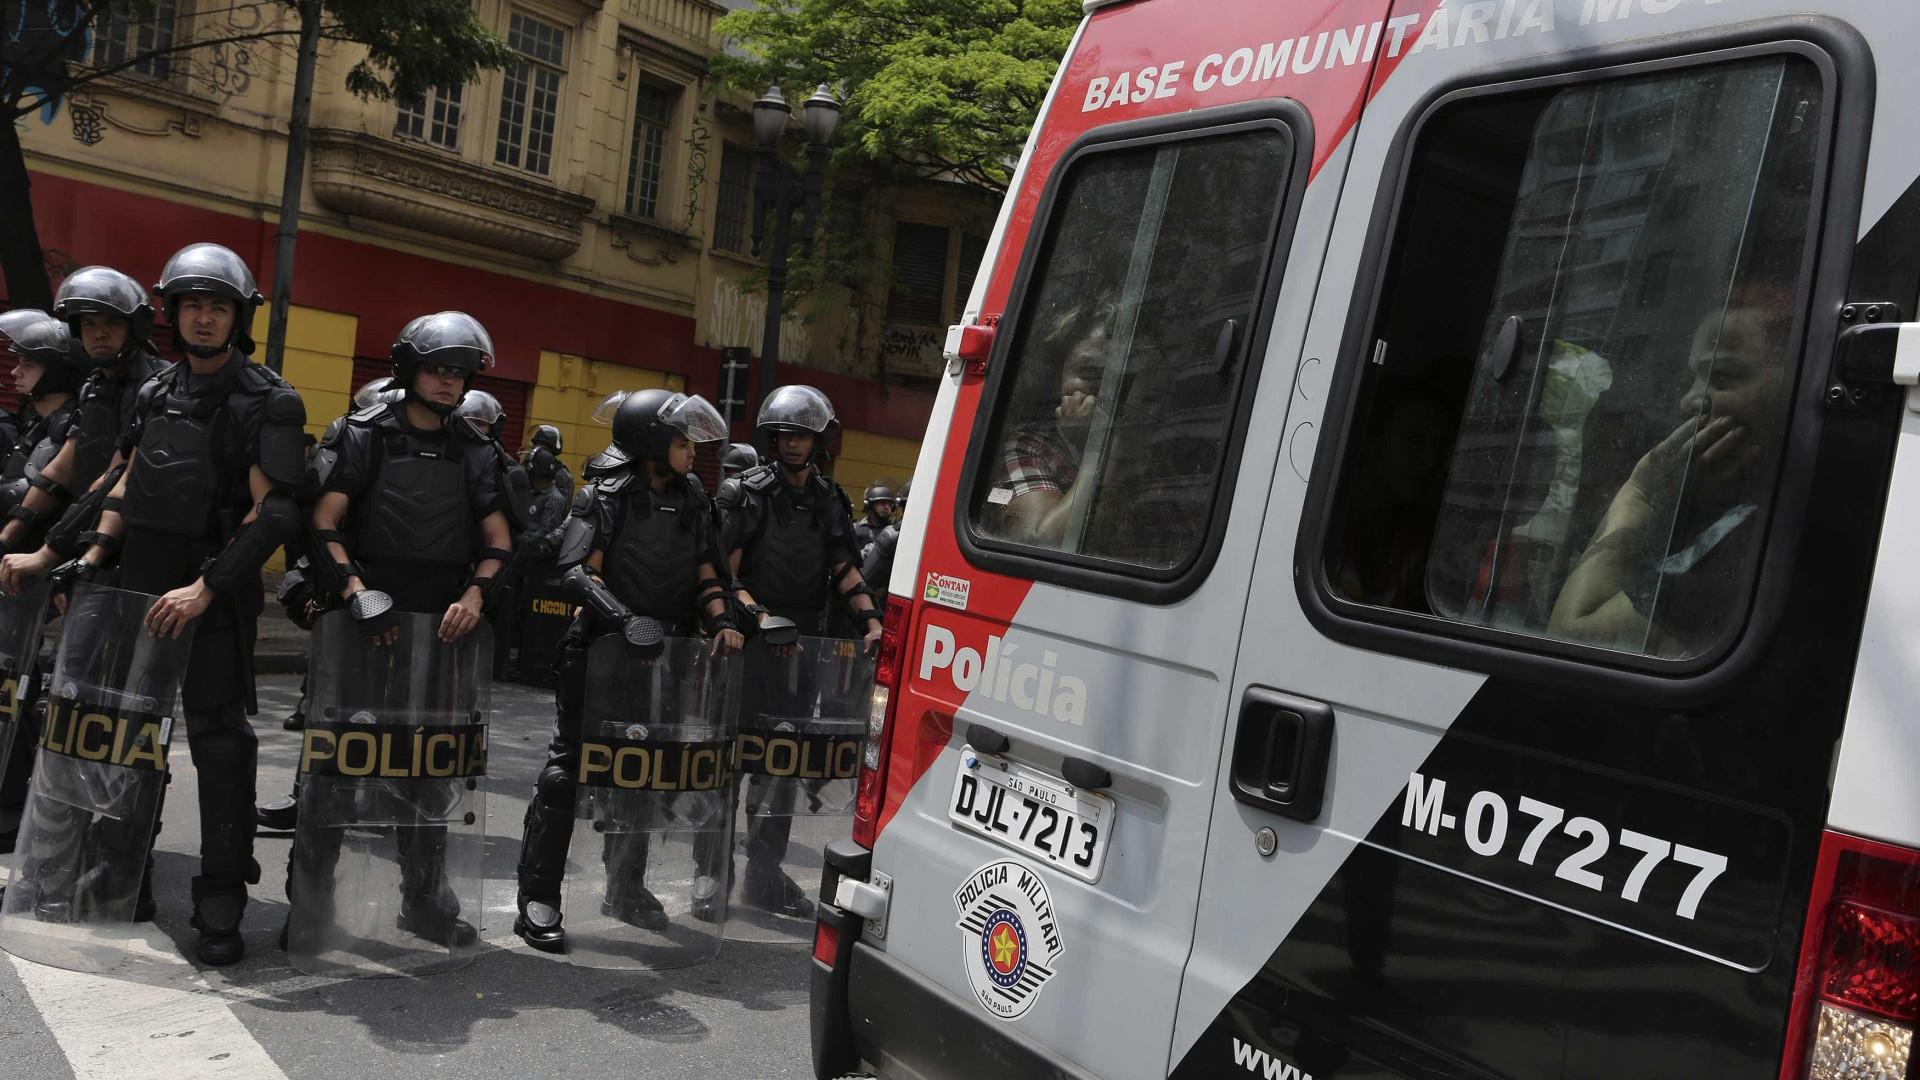 Nº de mortes em confrontos com policiais militares cresce 46% em março